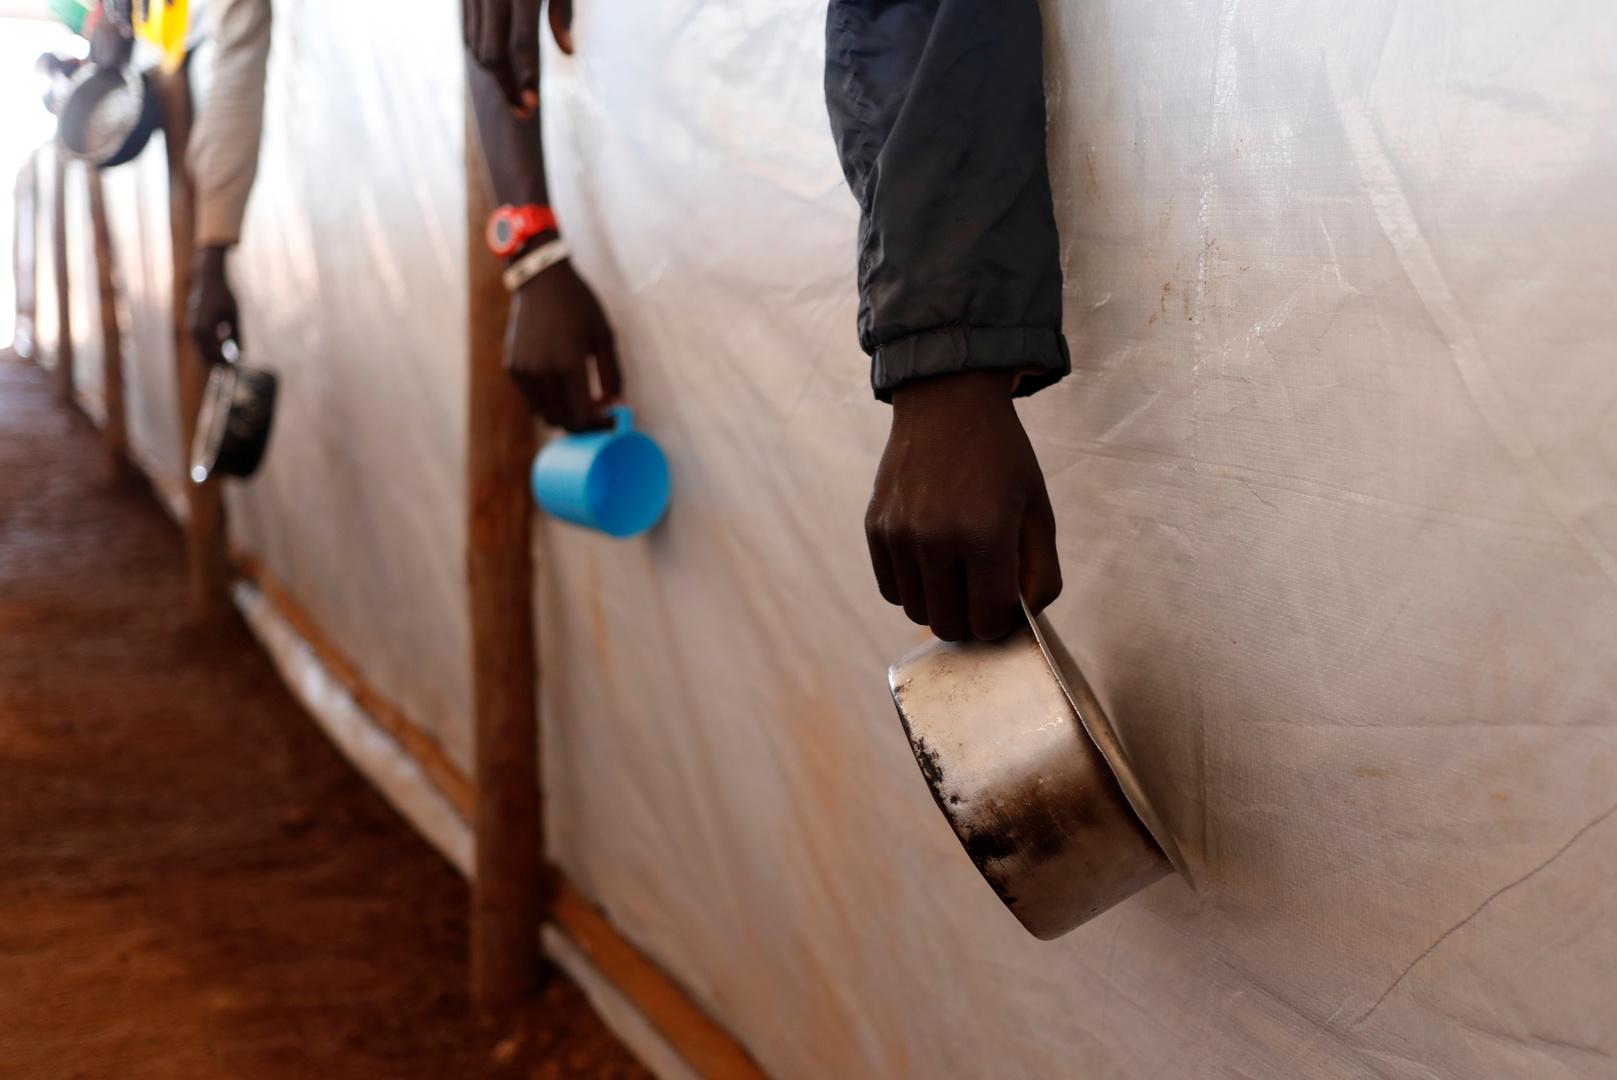 تقرير: 155 مليون شخص عانوا من جوع شديد العام الماضي